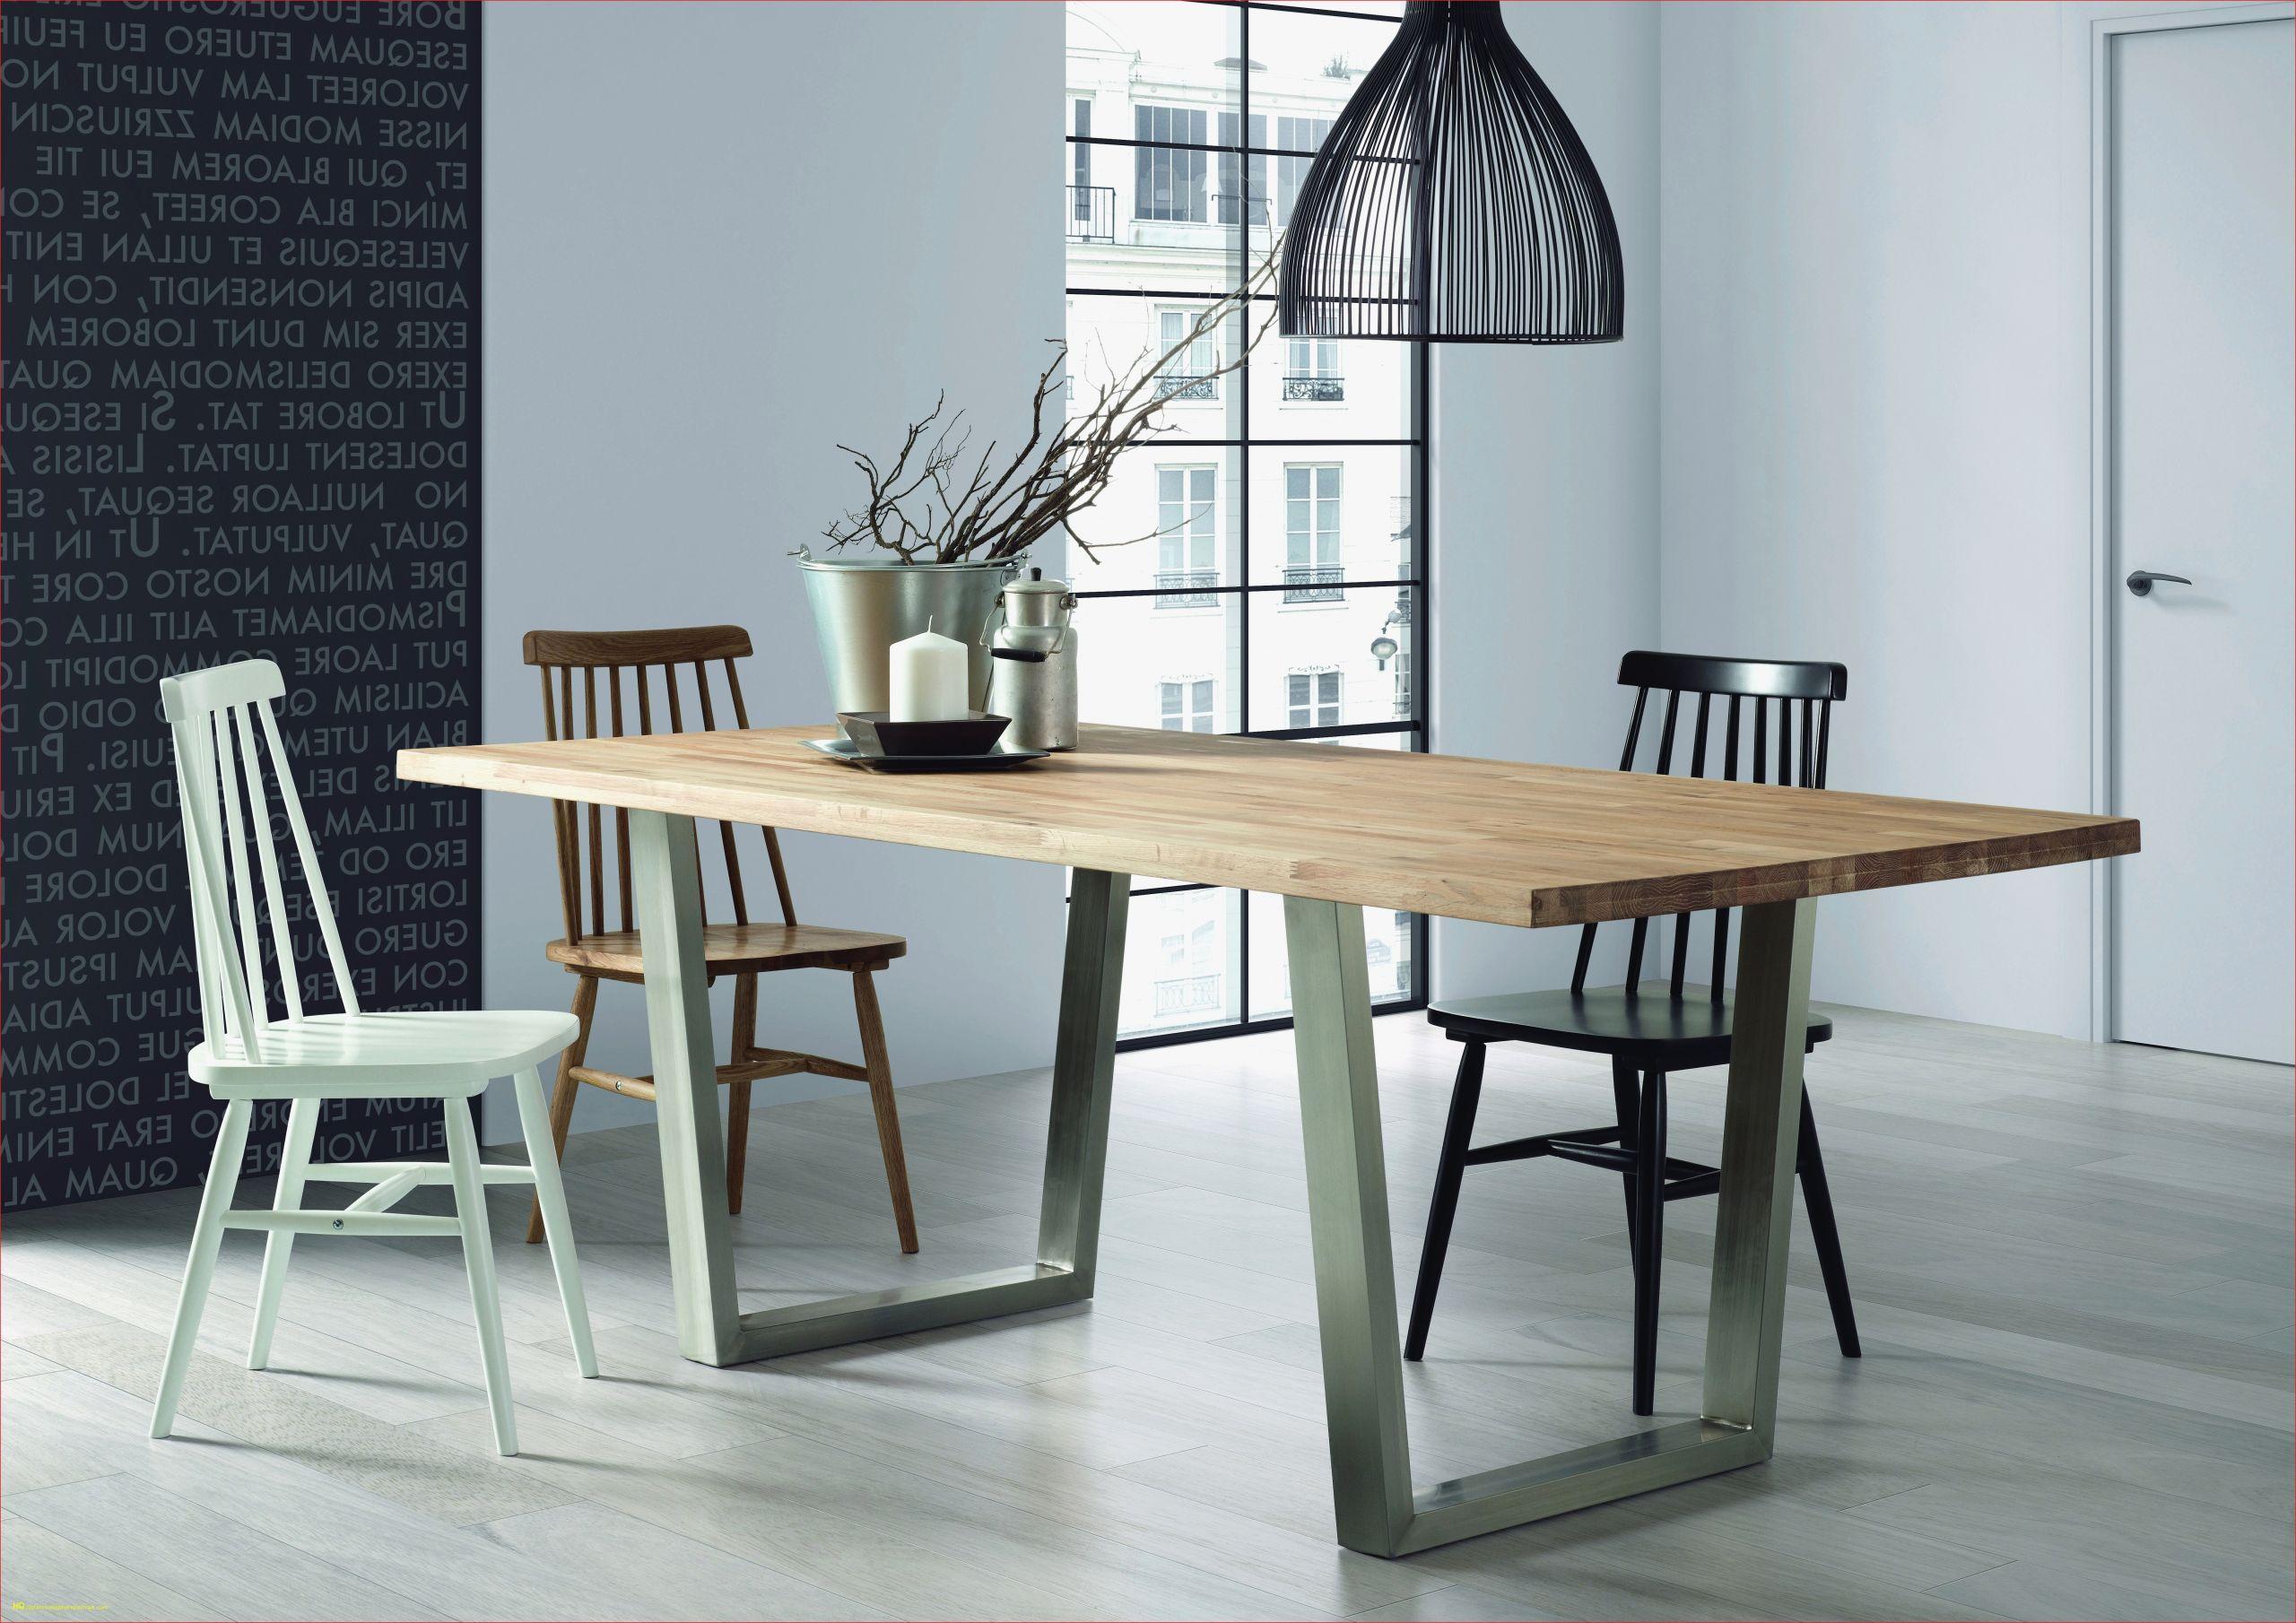 Table Et Chaise De Jardin Ikea Best Of Conseils Pour Table ... serapportantà Balancelle Jardin Ikea